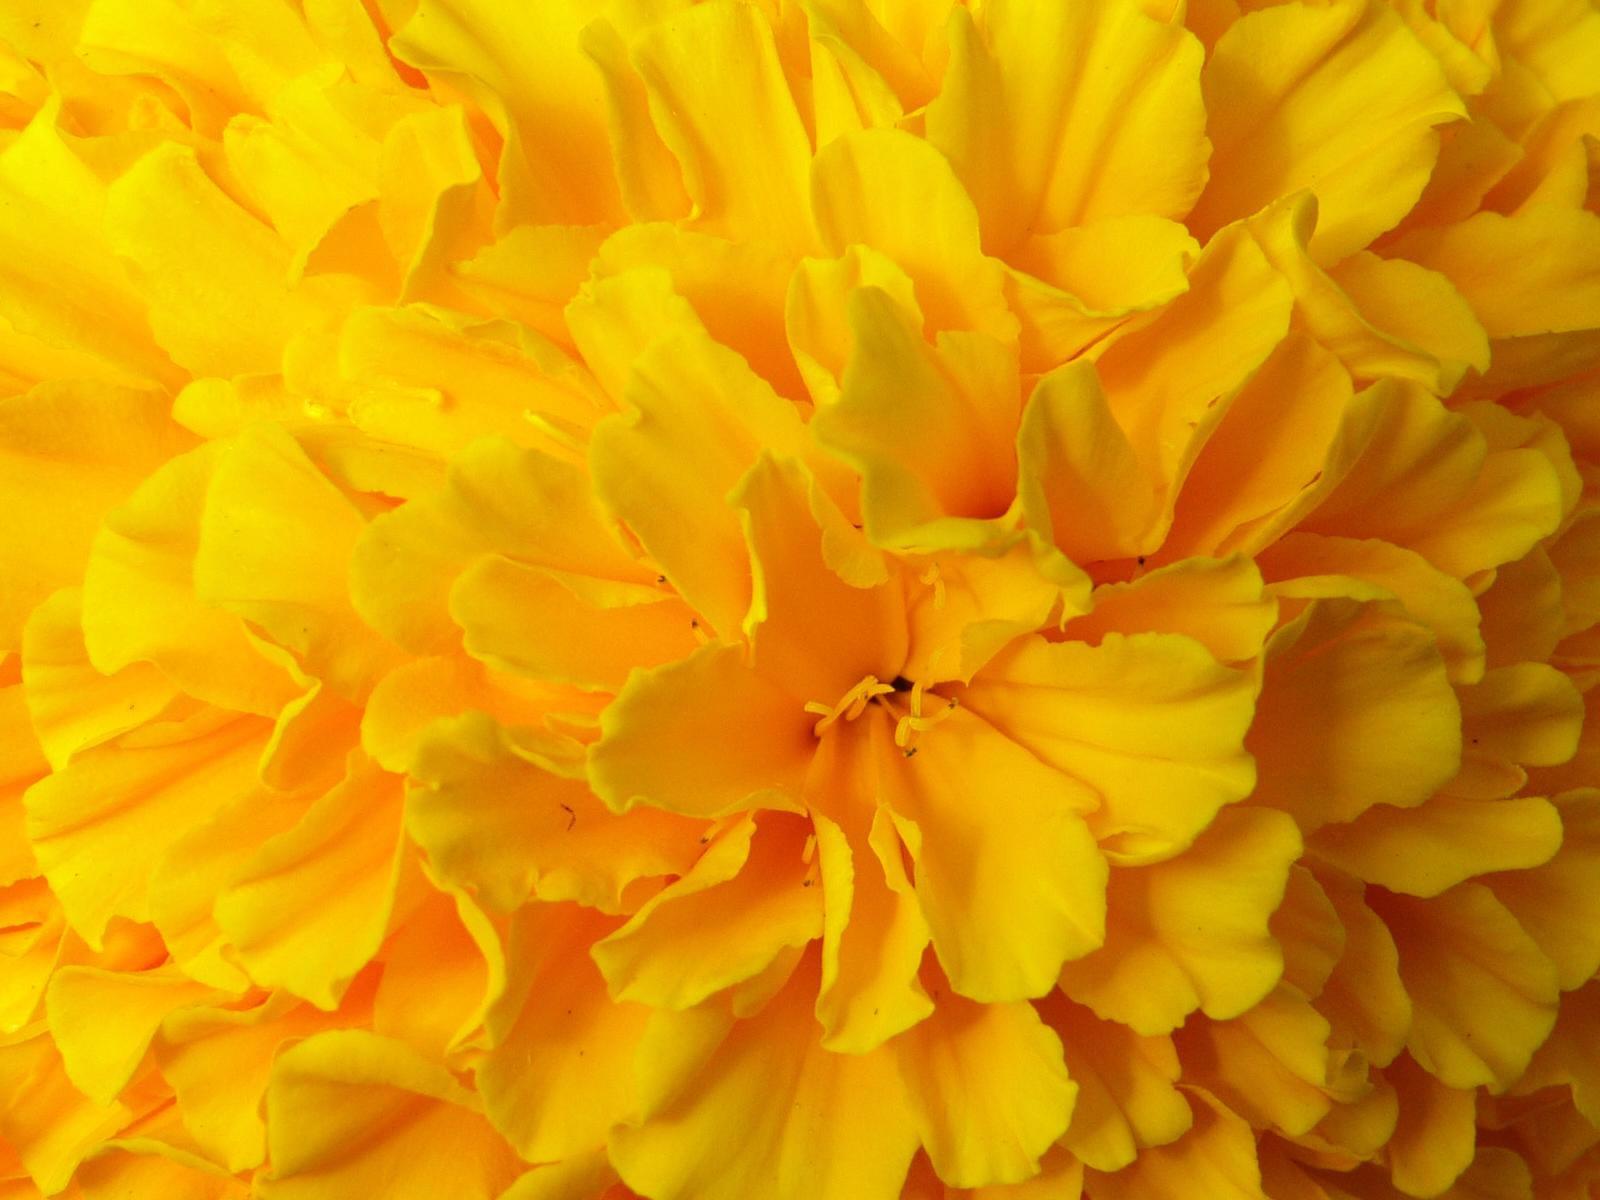 Yellow Flower Desktop Wallpaper Hd Desktop Wallpapers 4k Hd